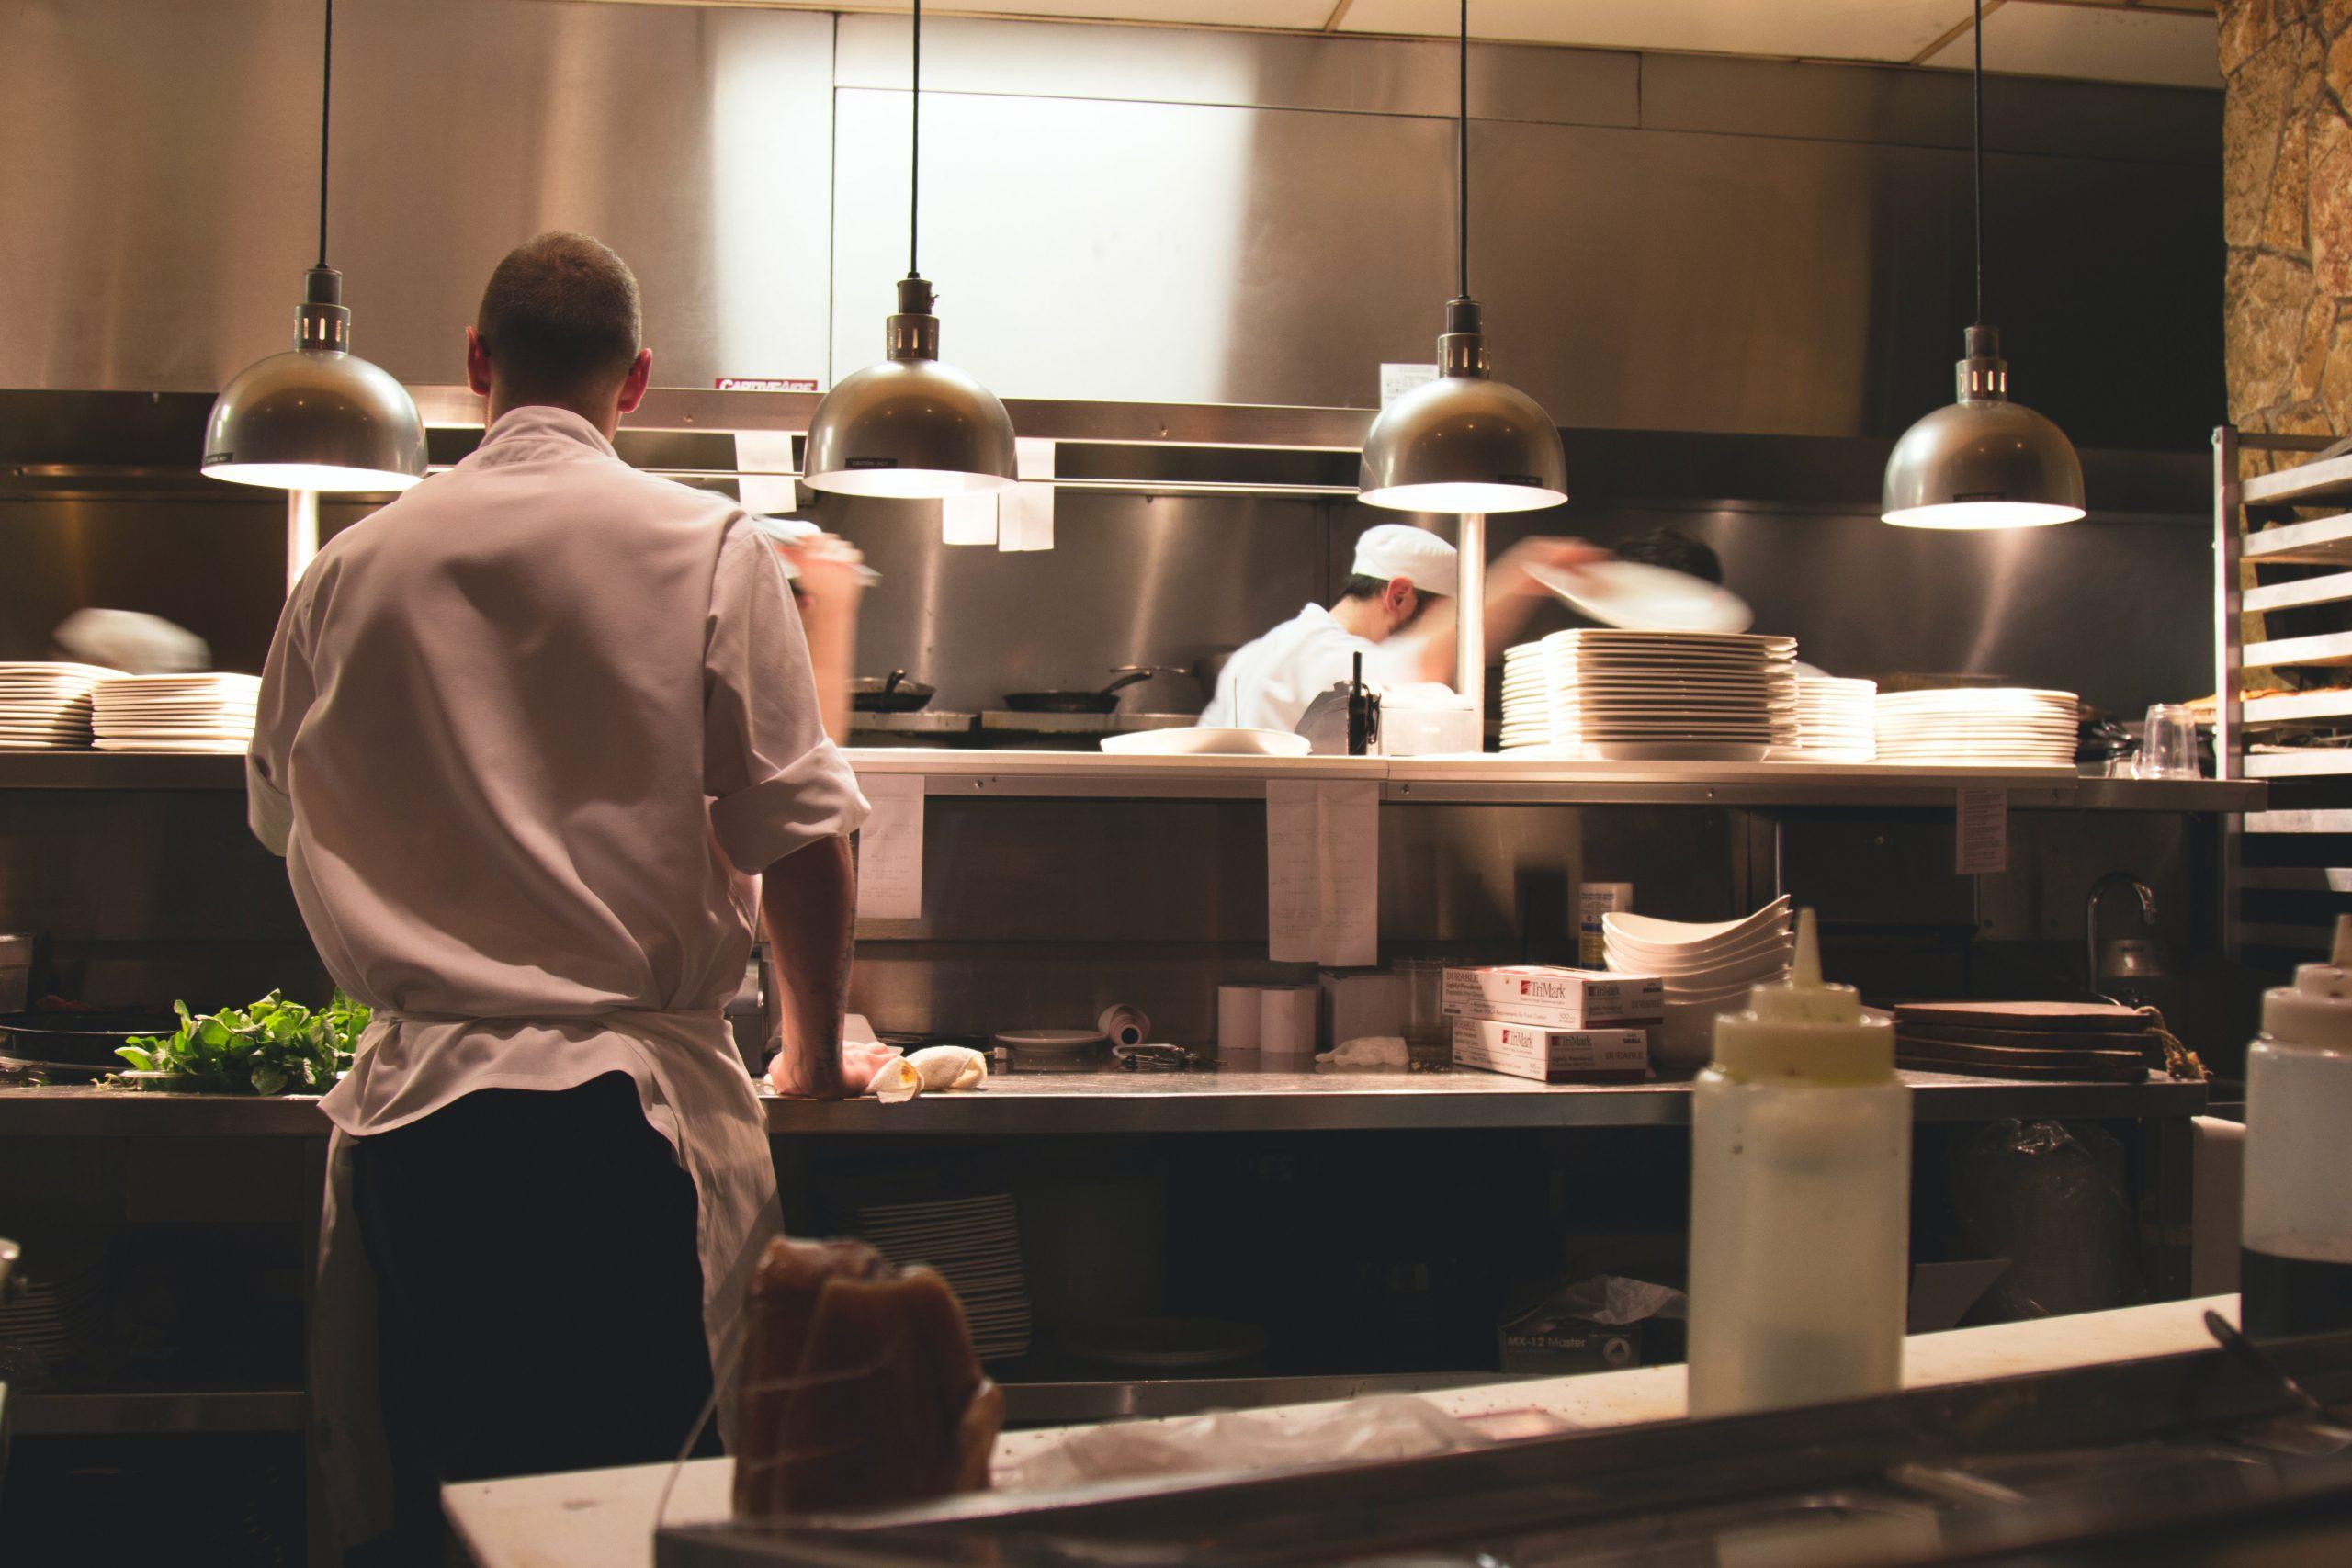 Liste_des_5_principaux_défis_auxquels_les_propriétaires_de_restaurants_sont_confrontés